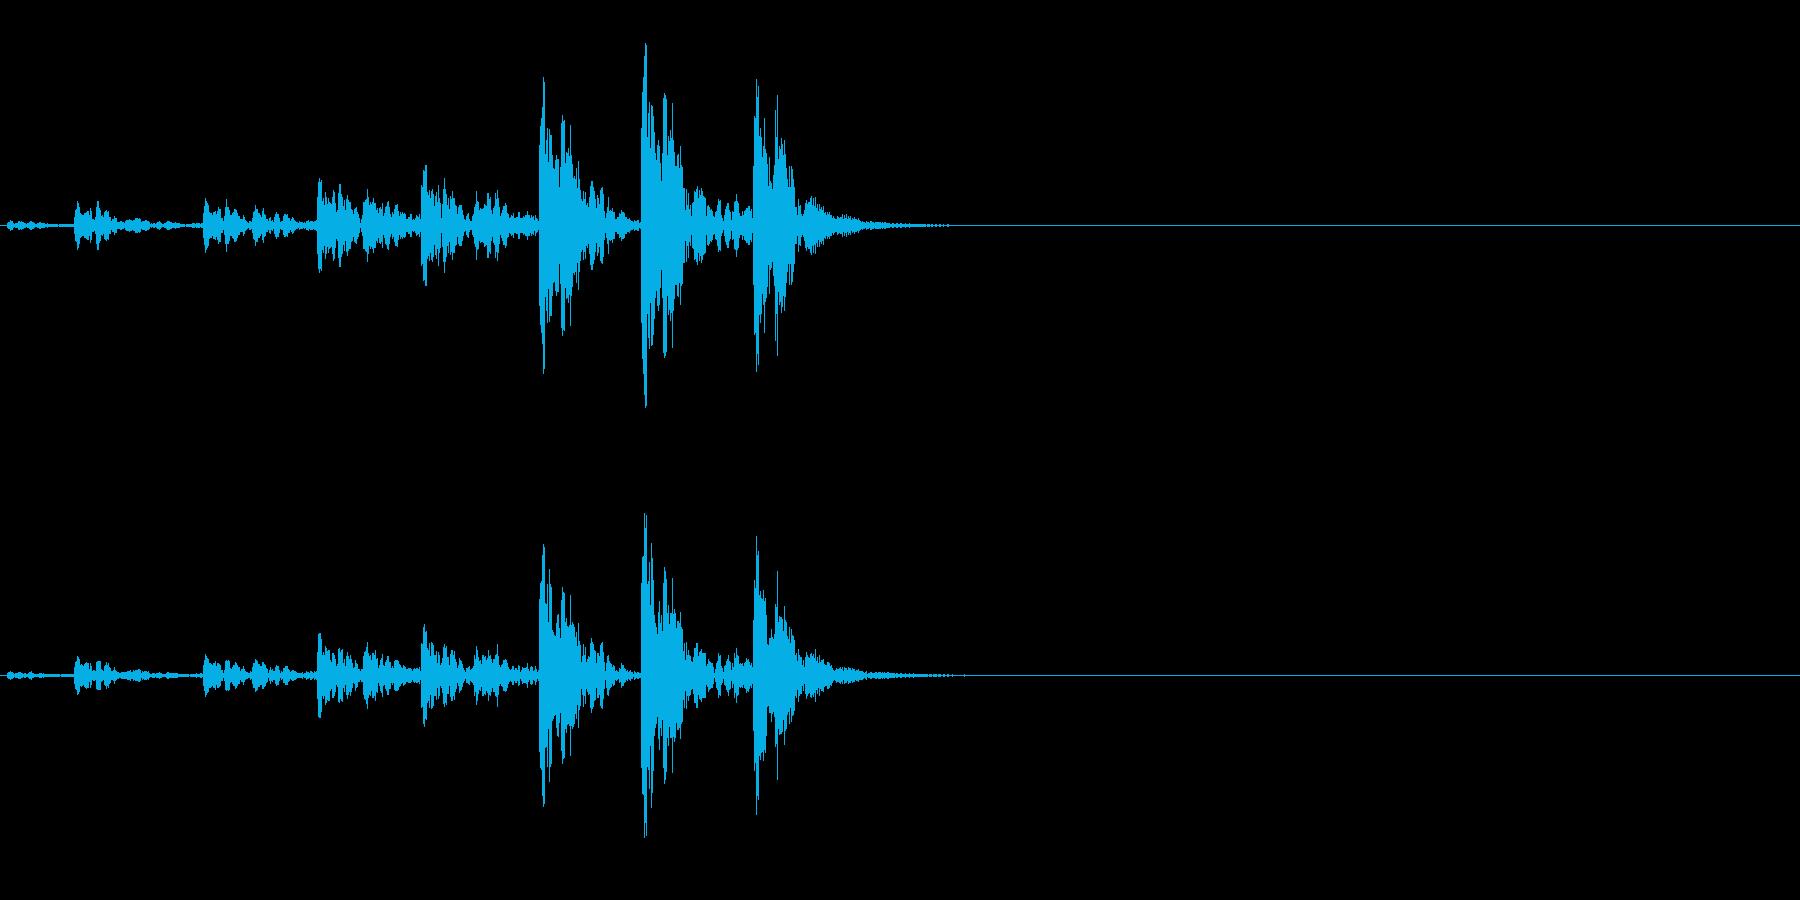 相撲などの触れ太鼓「大拍子」の連続音2の再生済みの波形